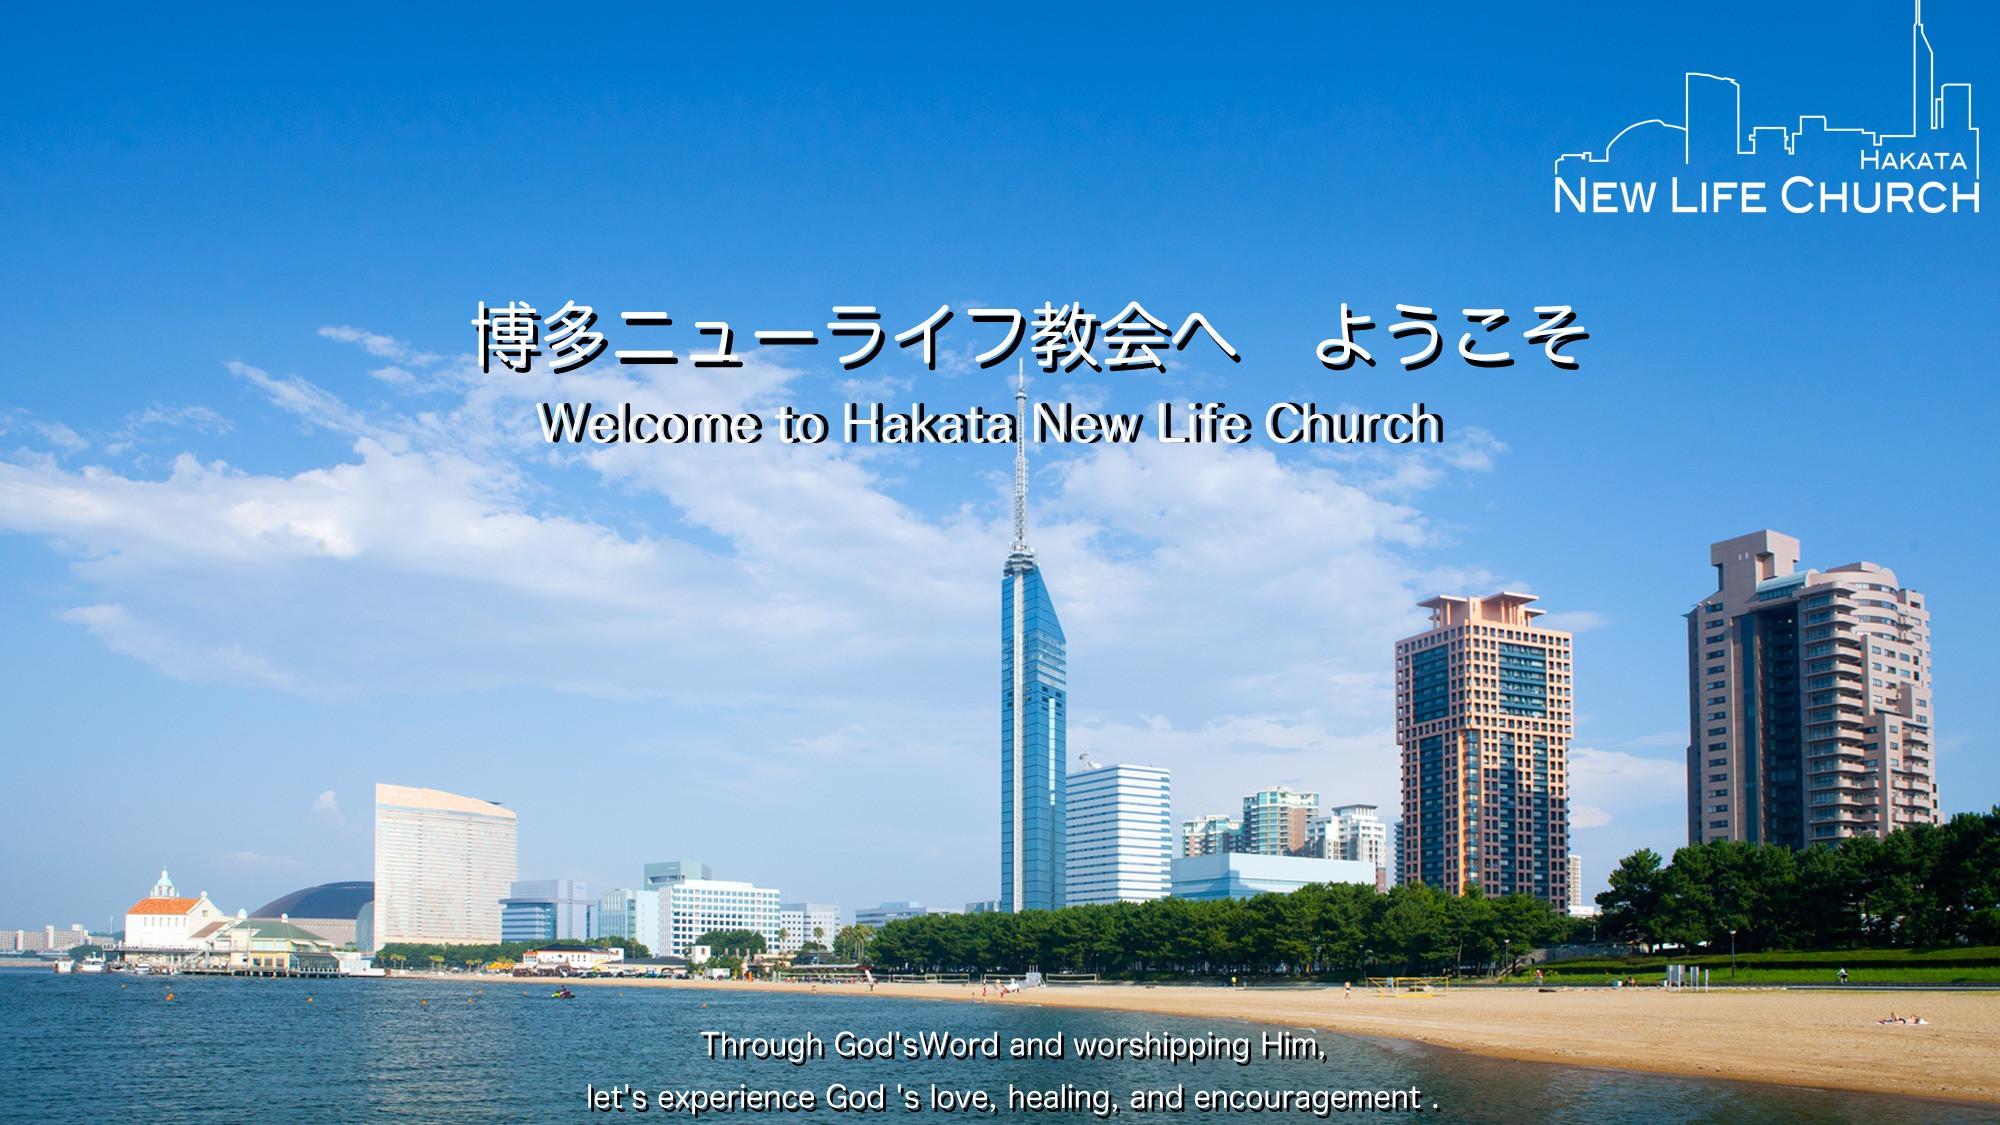 ニュー ライフ キリスト 教会